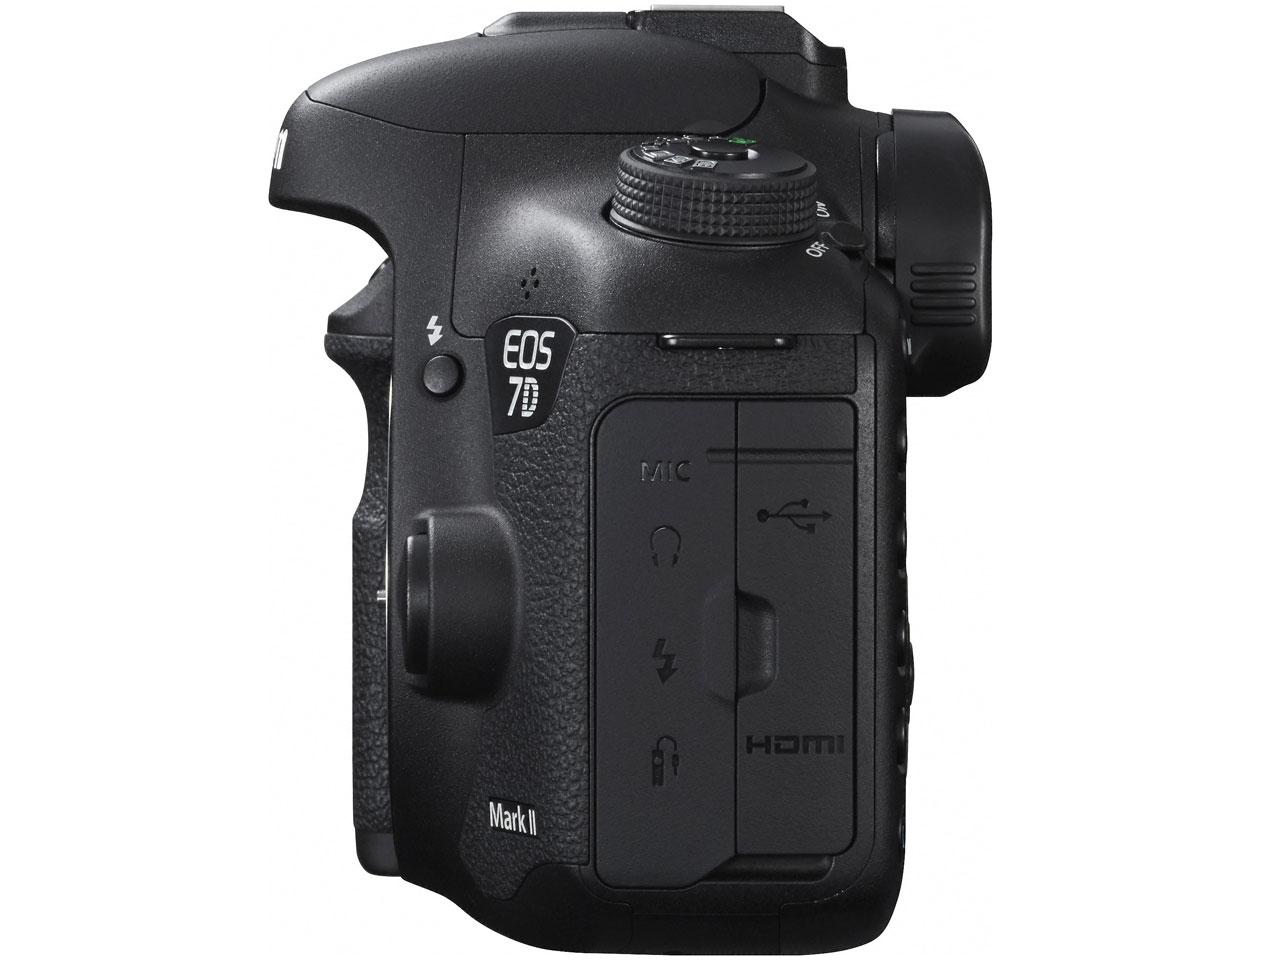 『本体 右側面1』 EOS 7D Mark II ボディ の製品画像